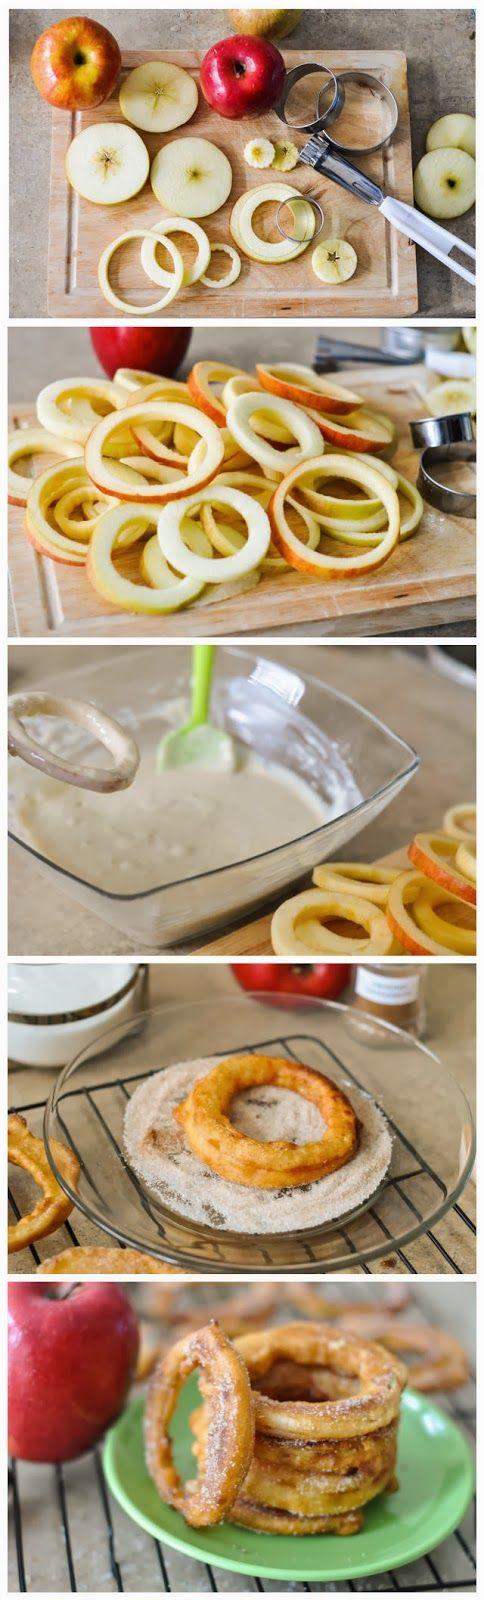 #Apple #Cinnamon Rings